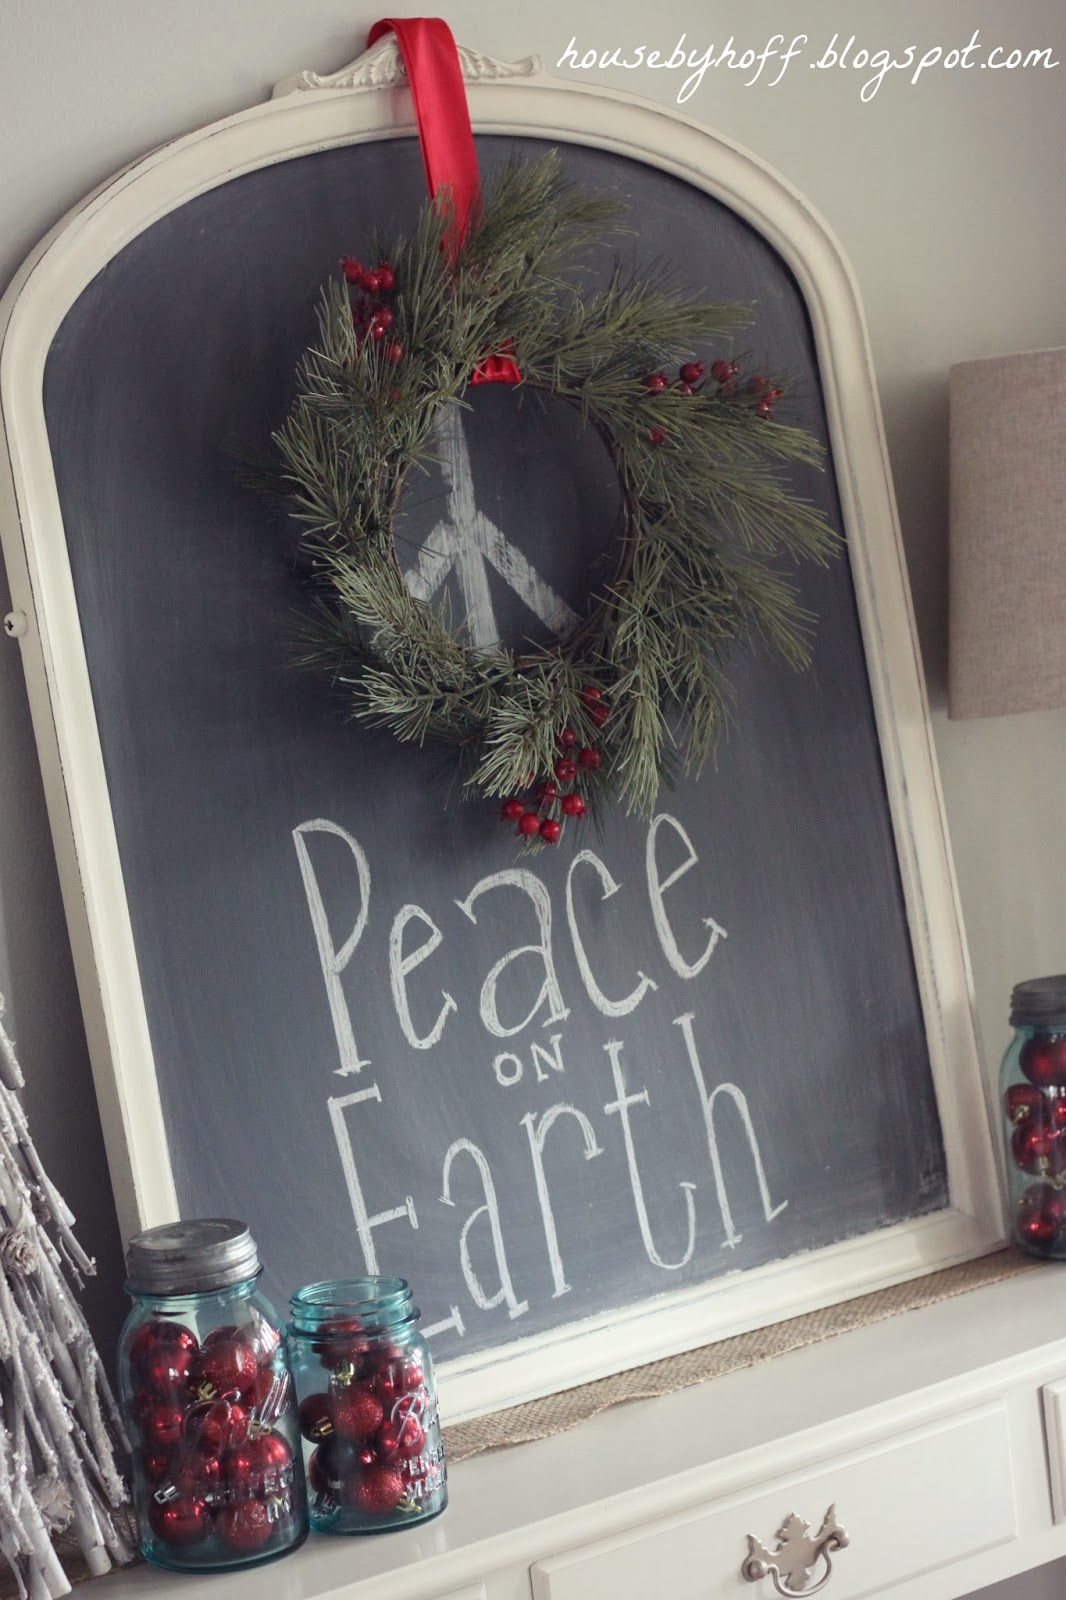 House of Hoff - Peace on Earth Wreath Chalkboard